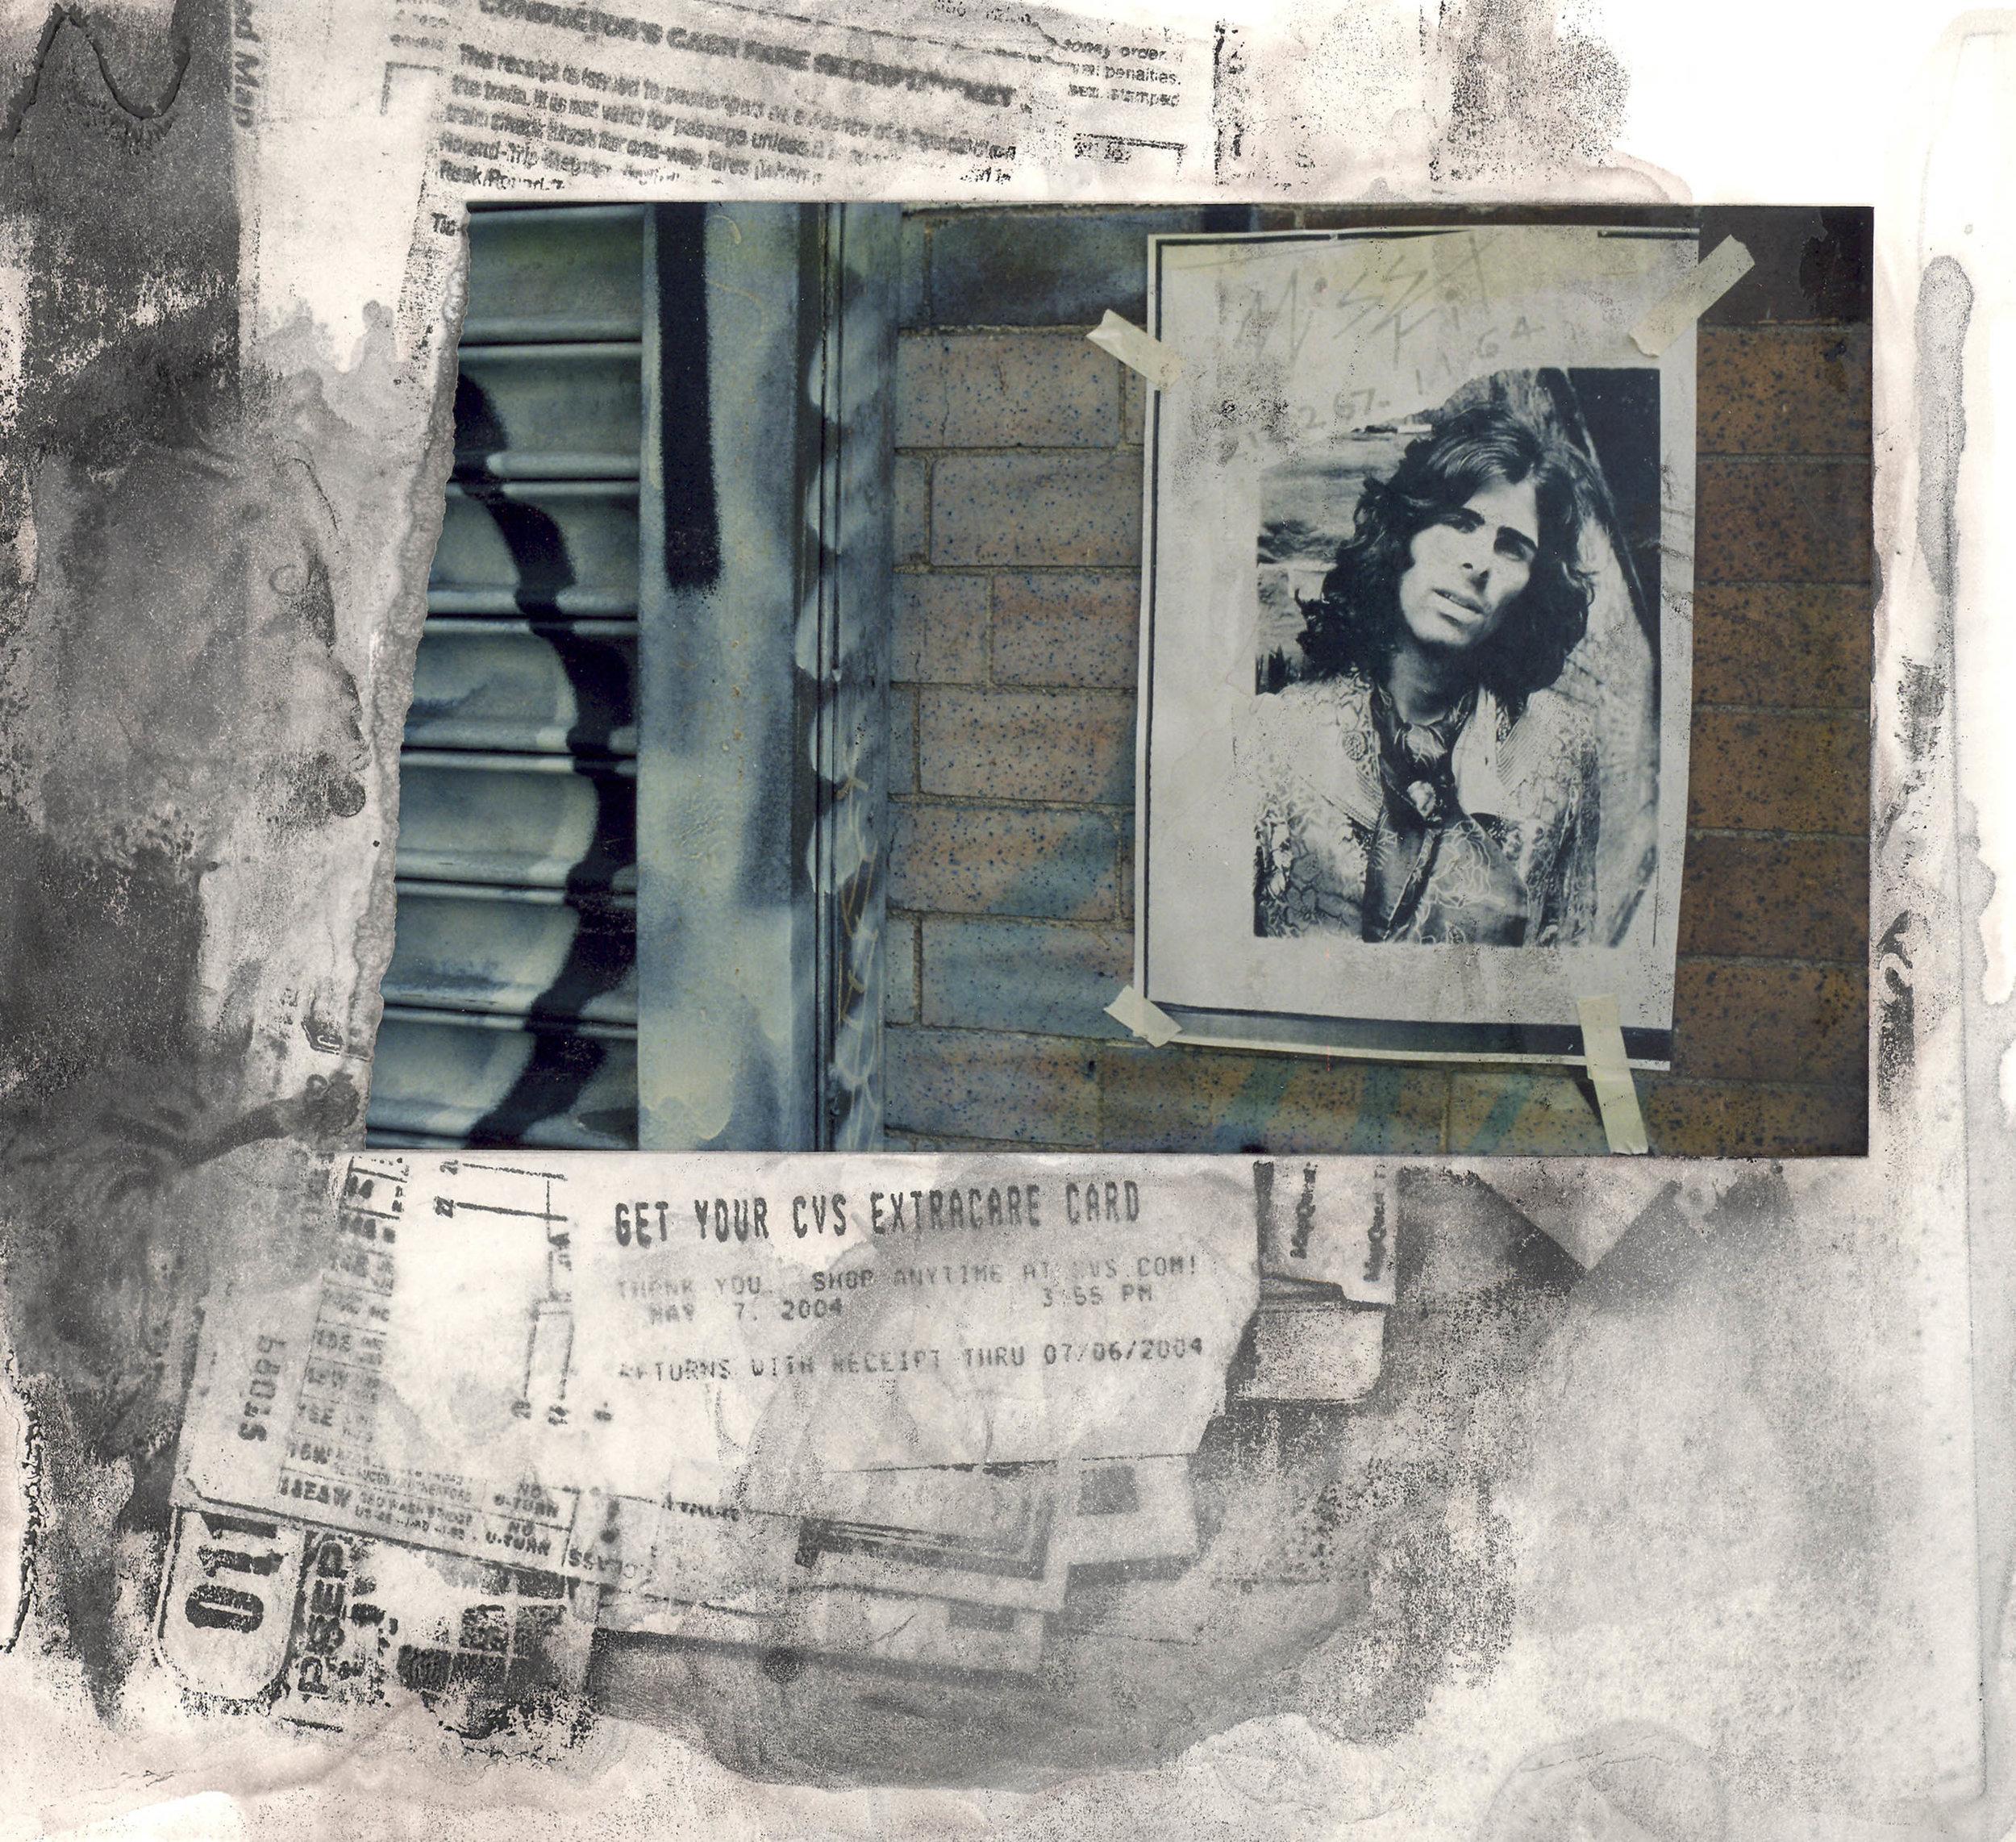 shane_deruise_alleyways_passerbys_grafitti.jpg